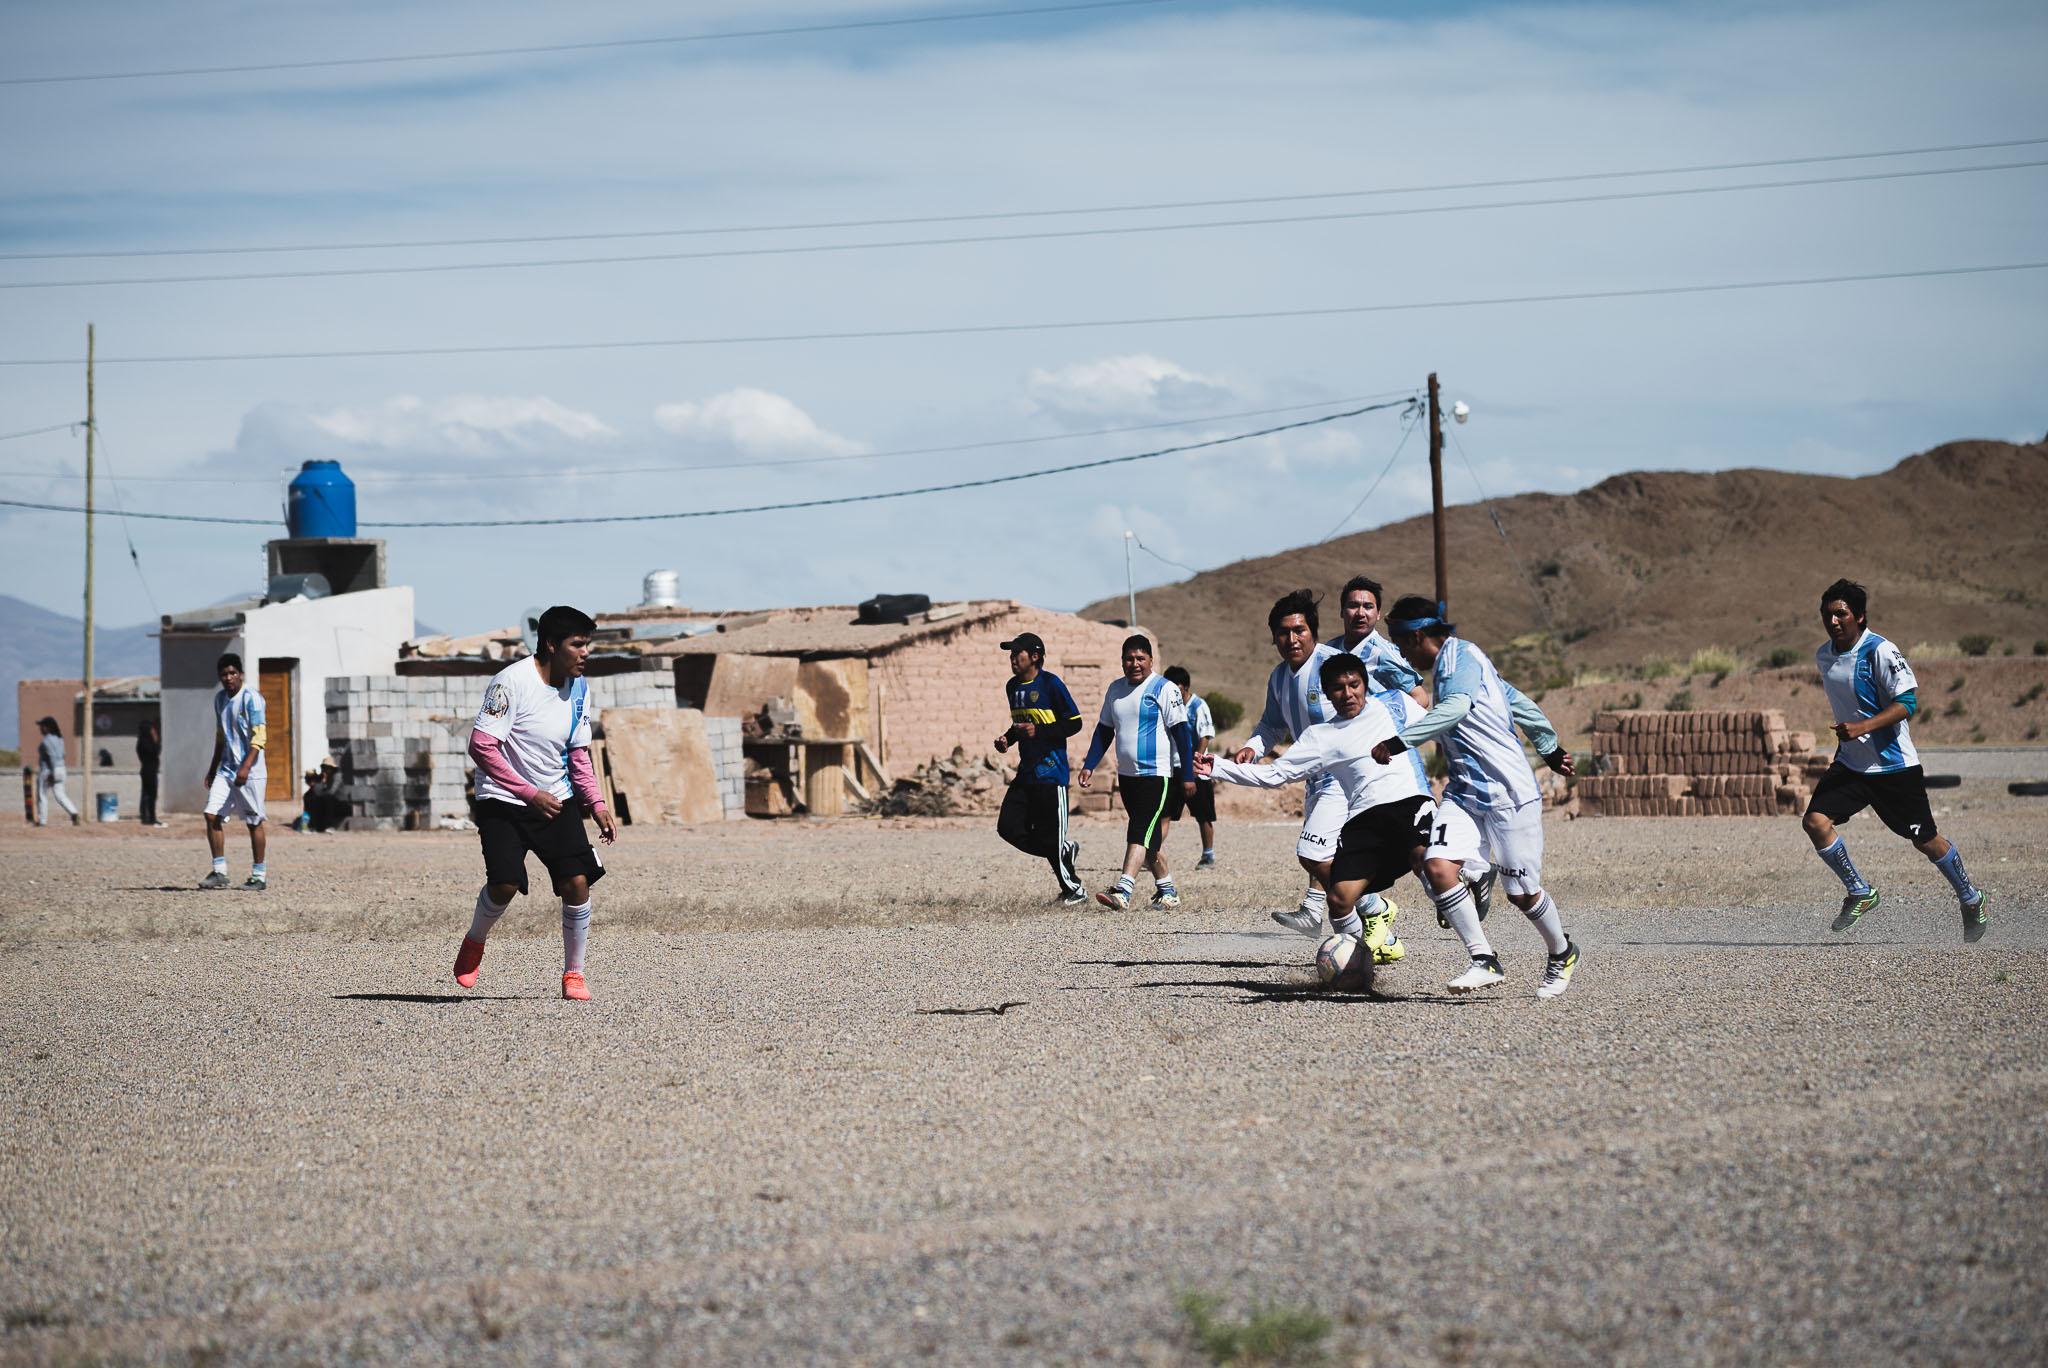 Eine Fussball-Match auf 3500 Metern. Die Höhe ist nicht per se schädlich.